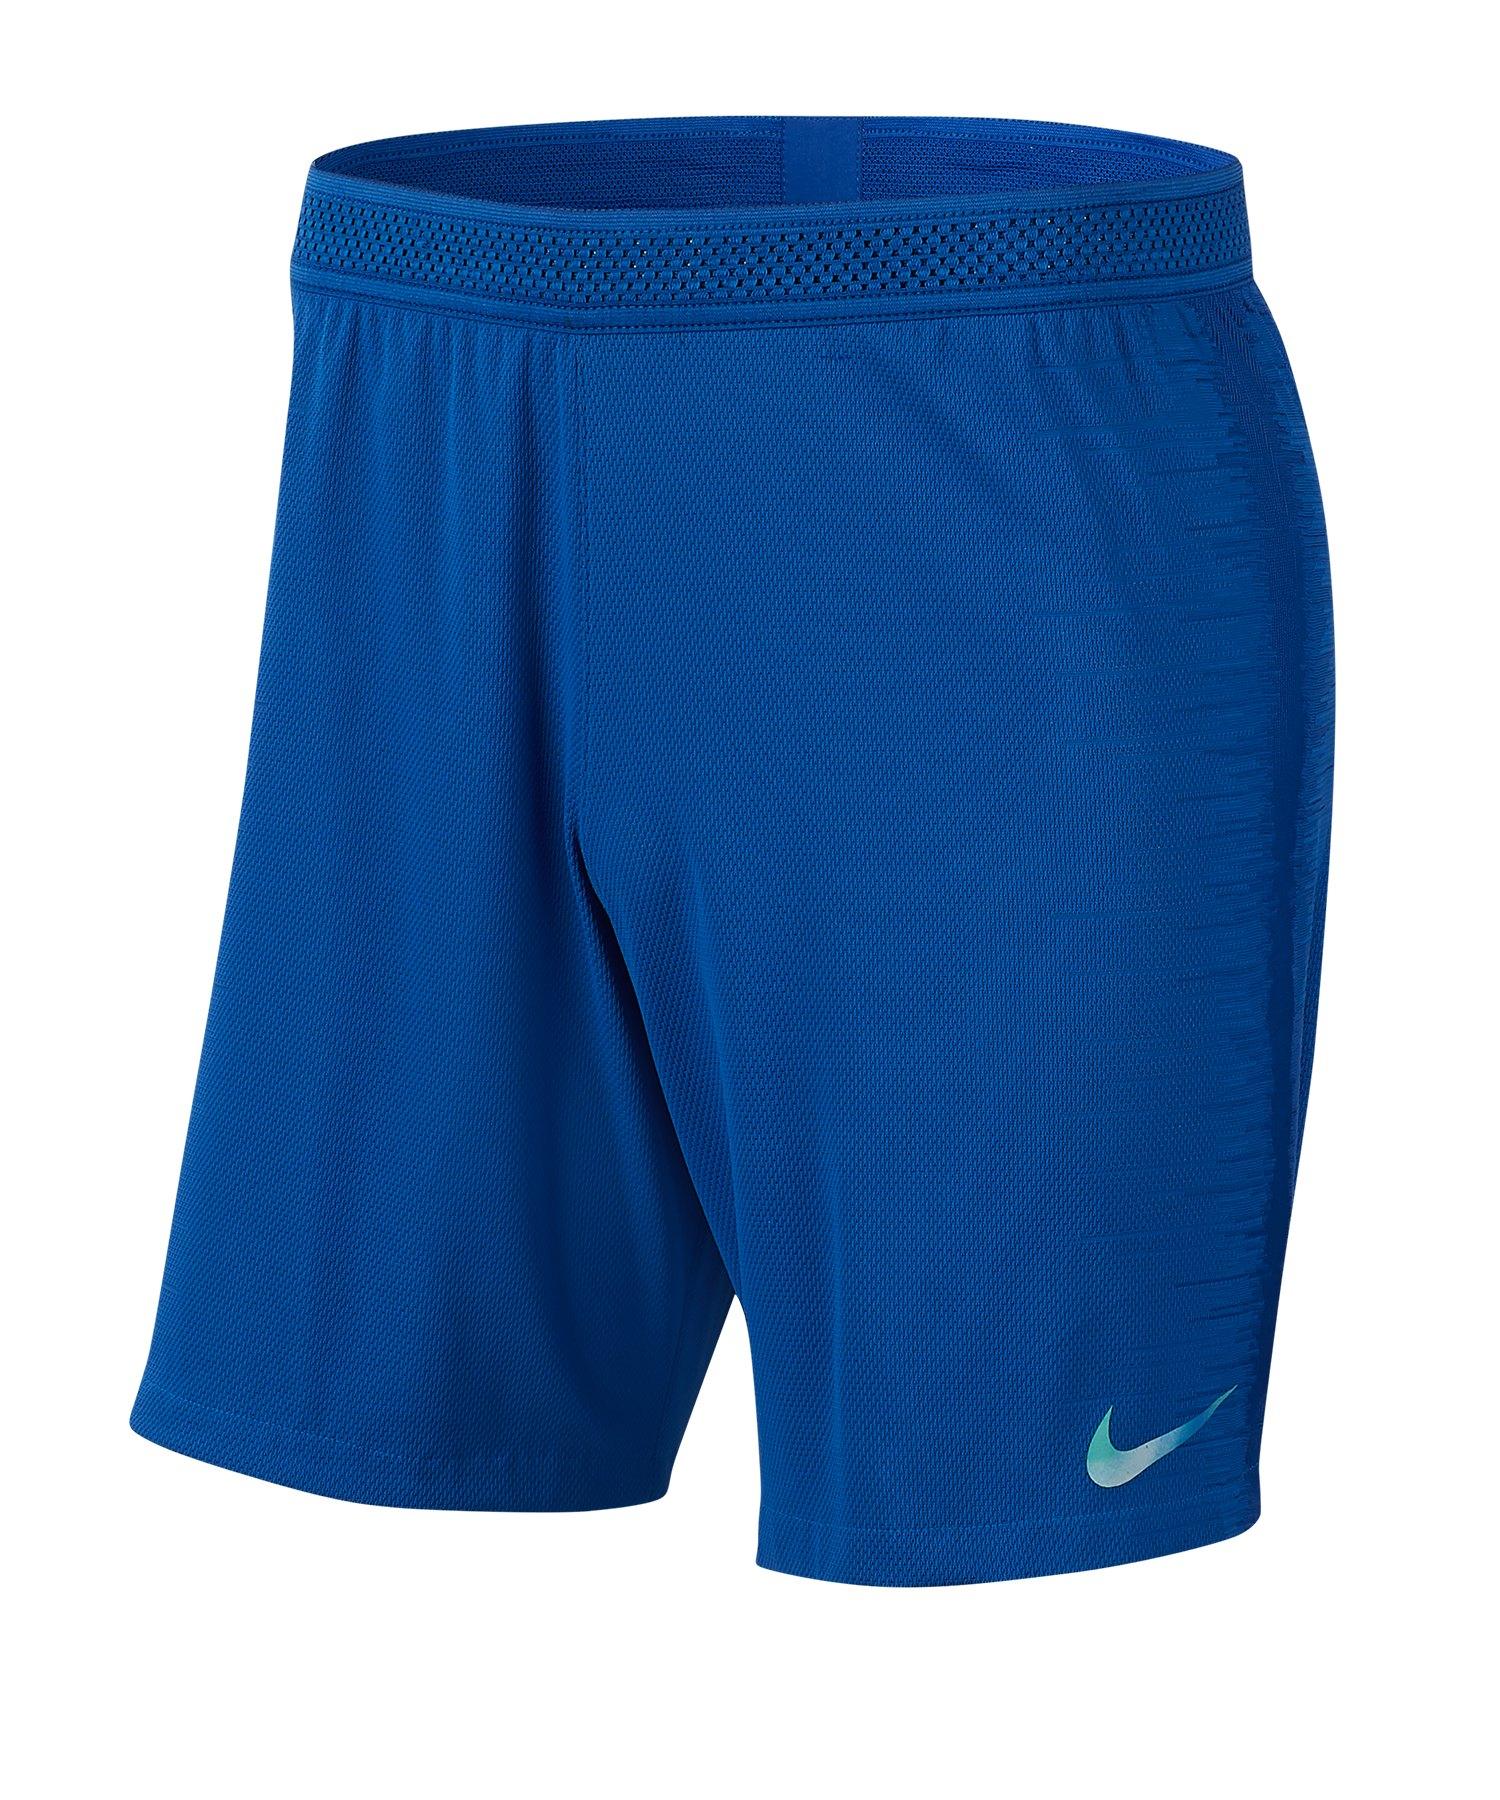 Nike Vaporknit Spray Short Hose kurz Blau F480 - Blau